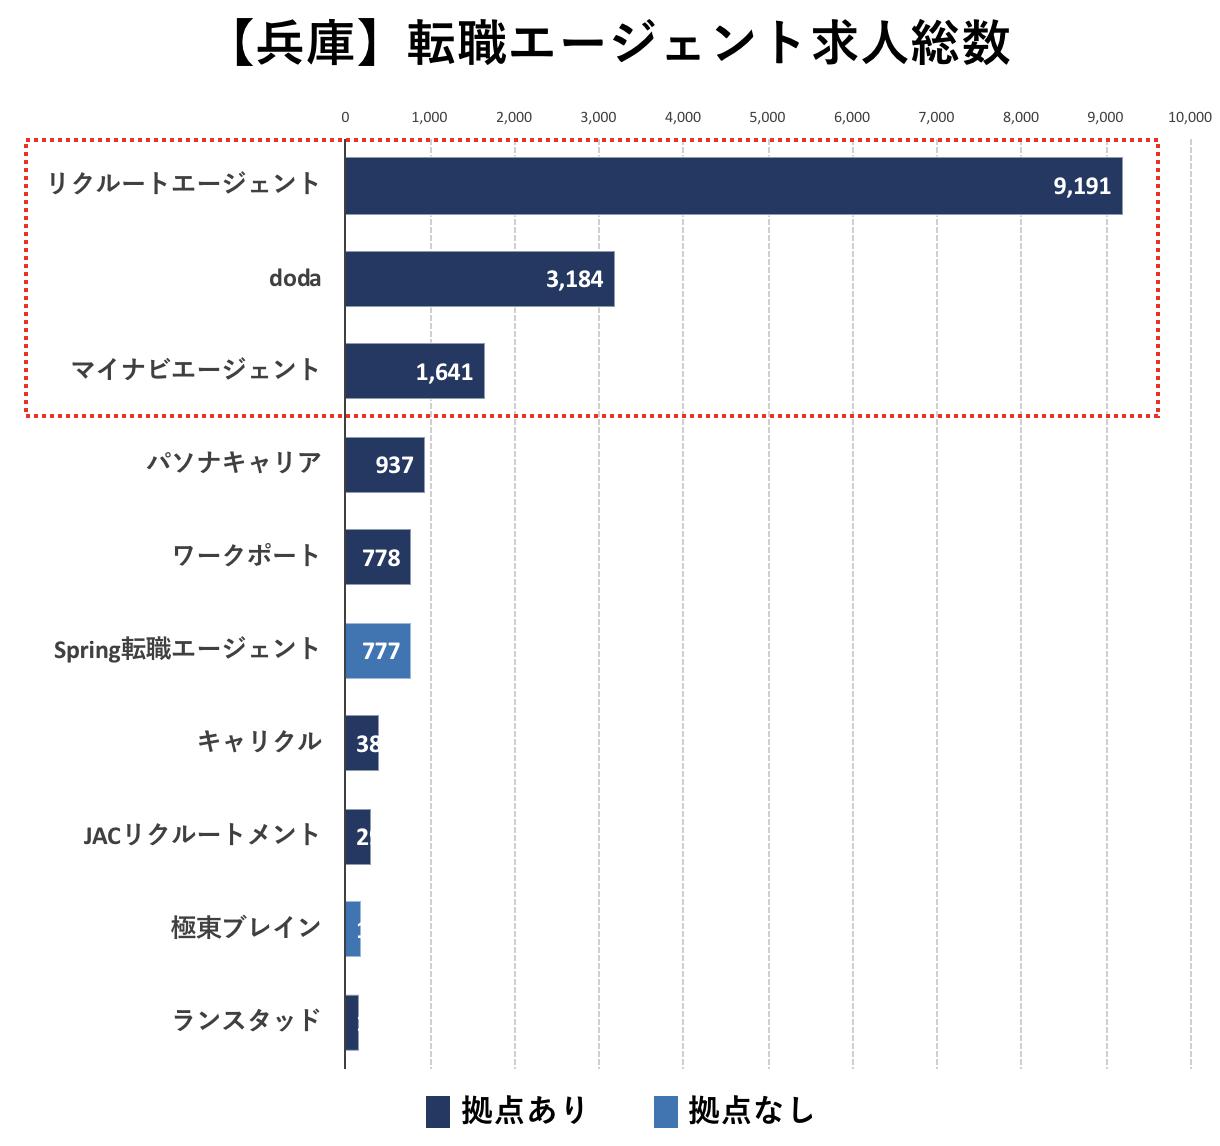 兵庫の転職エージェントの求人数の比較